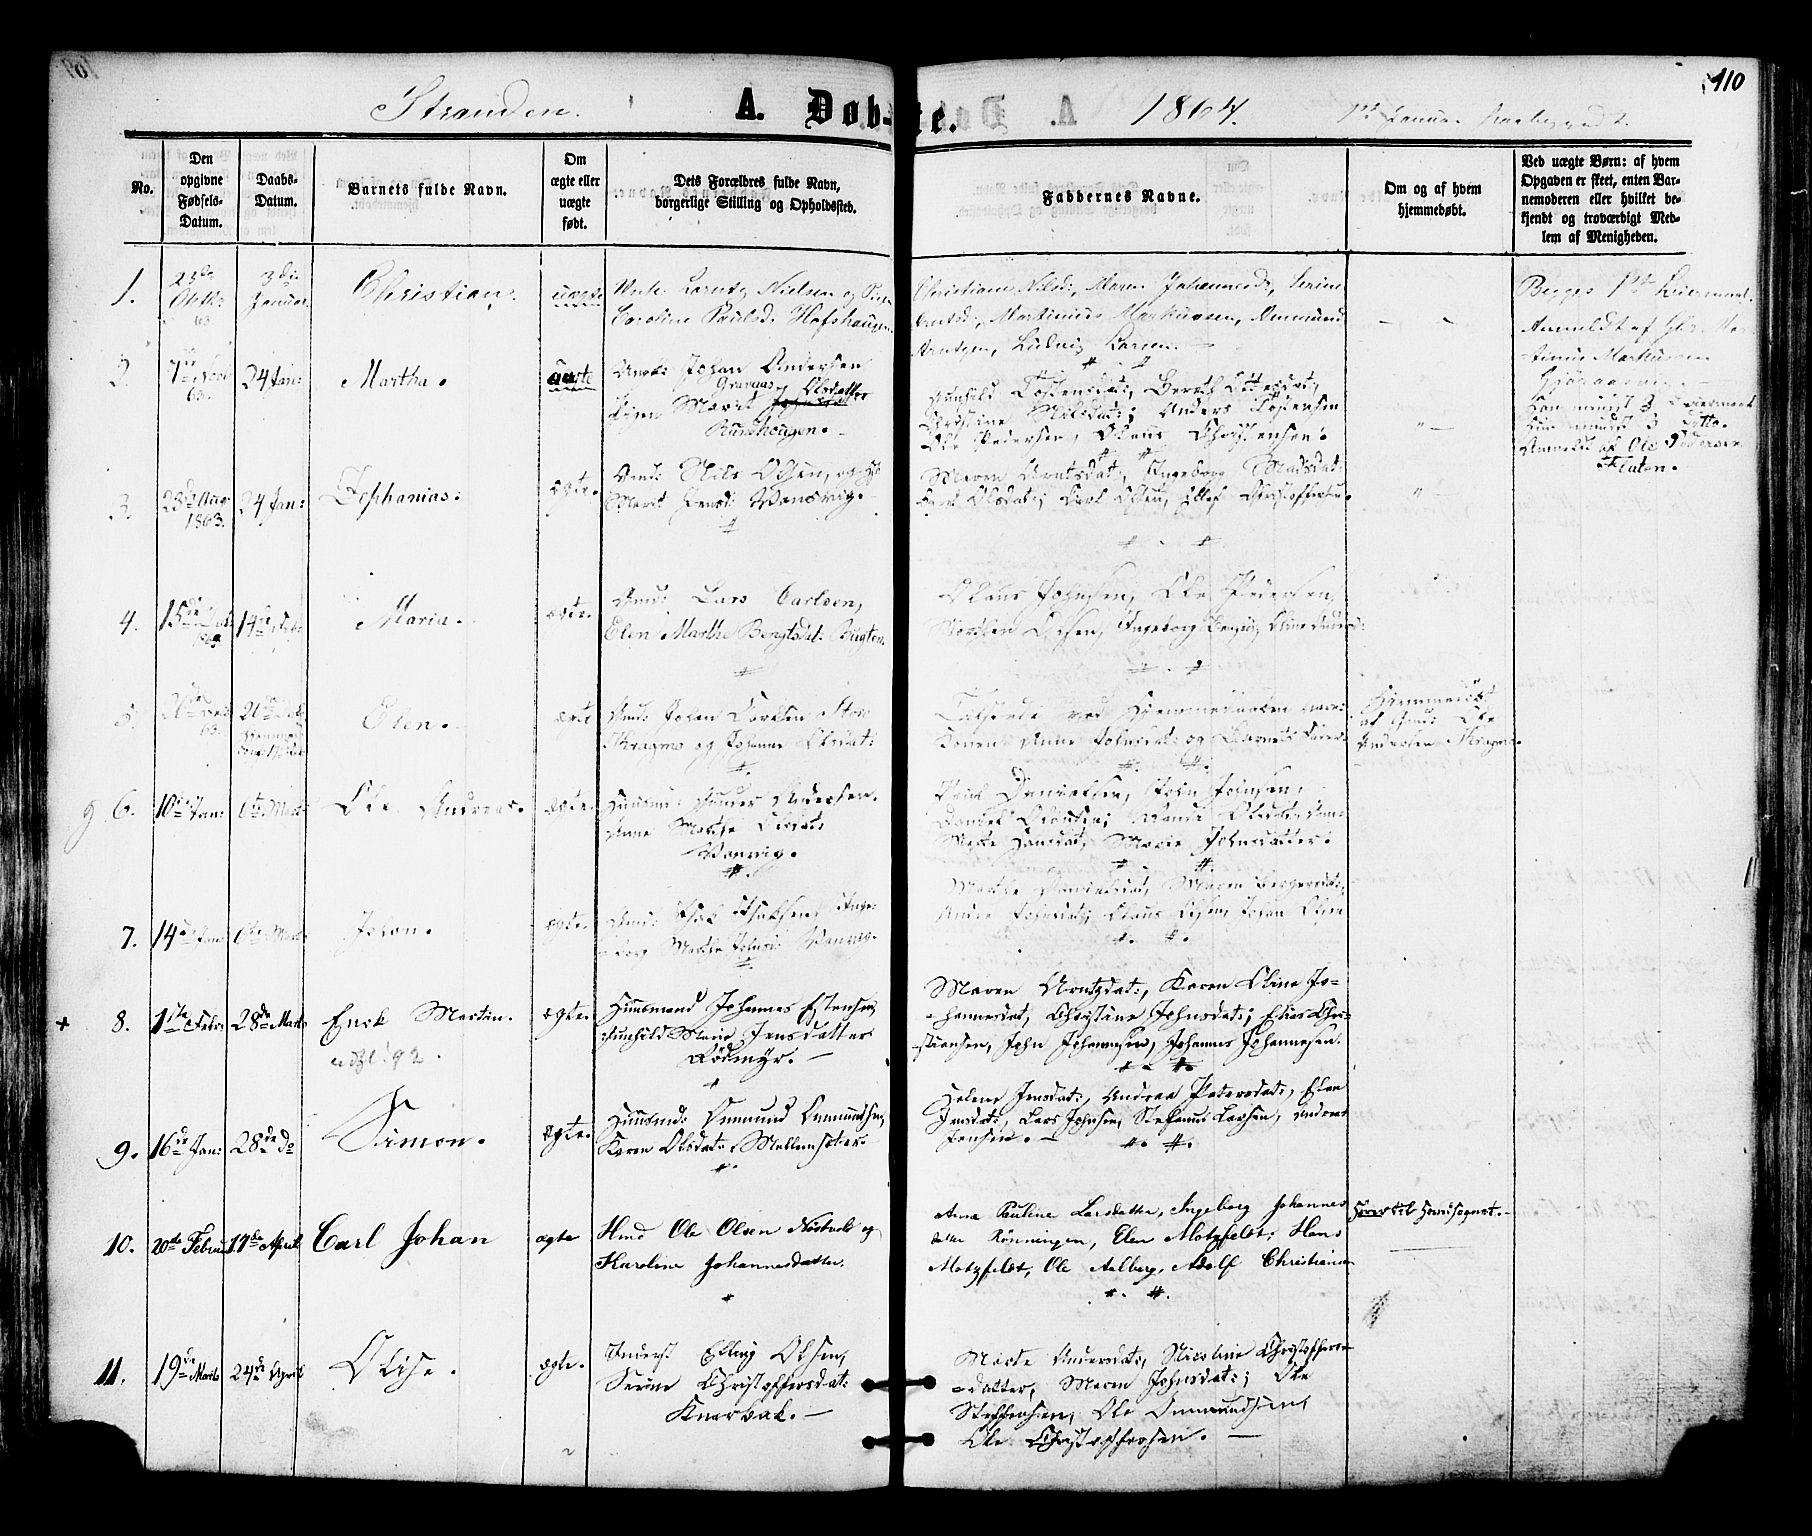 SAT, Ministerialprotokoller, klokkerbøker og fødselsregistre - Nord-Trøndelag, 701/L0009: Ministerialbok nr. 701A09 /2, 1864-1882, s. 110